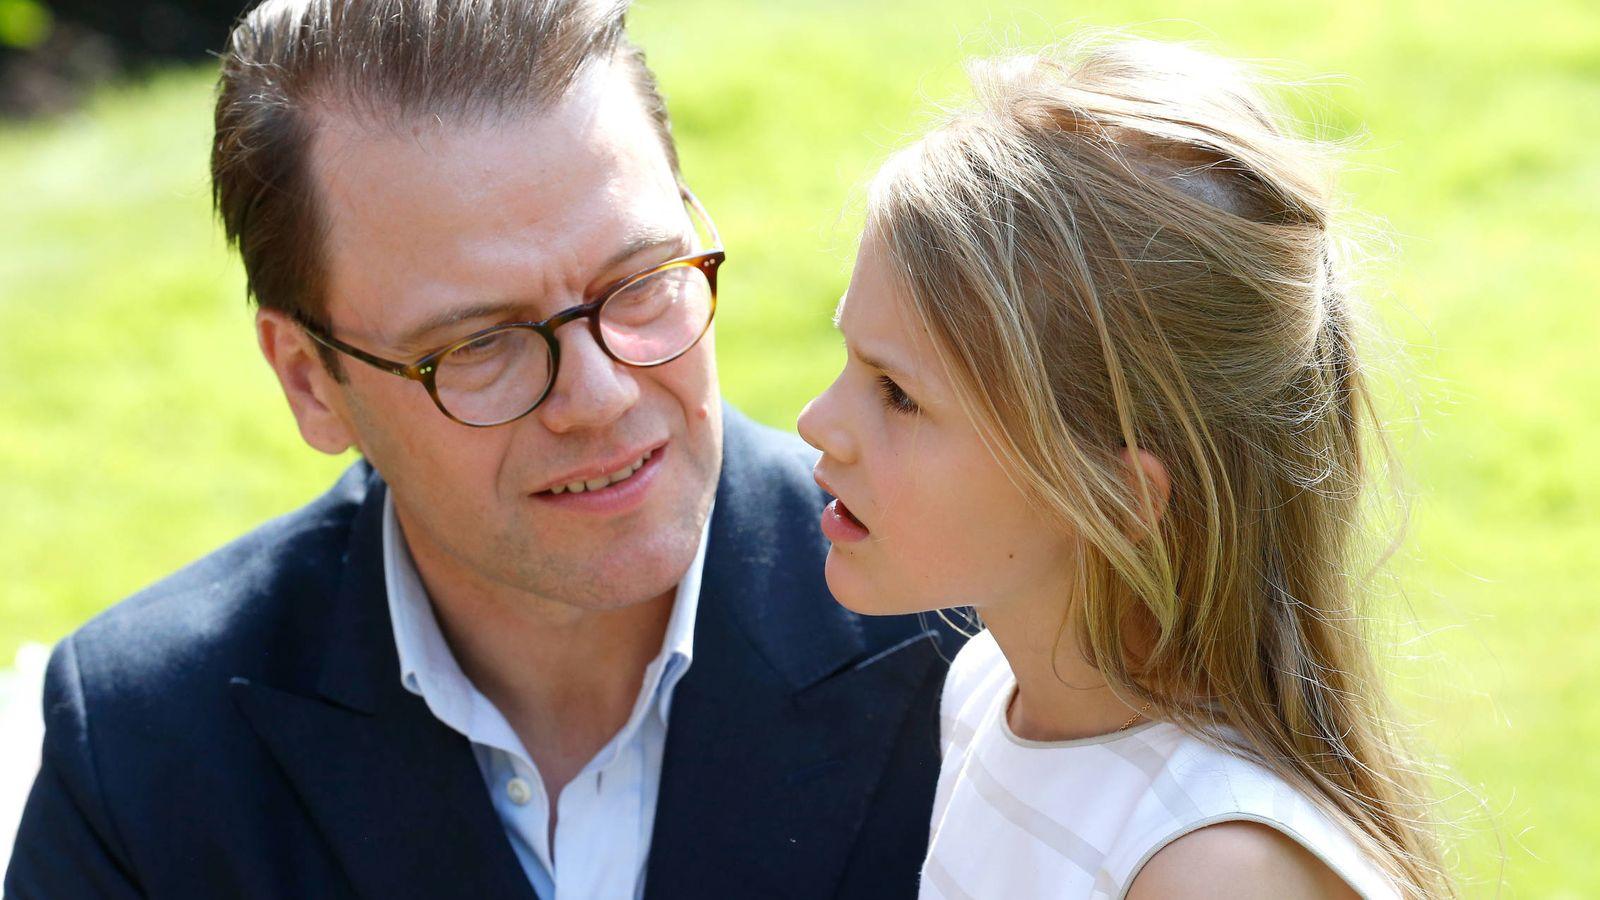 Foto: Daniel de Suecia y la princesa Estelle. (Getty)